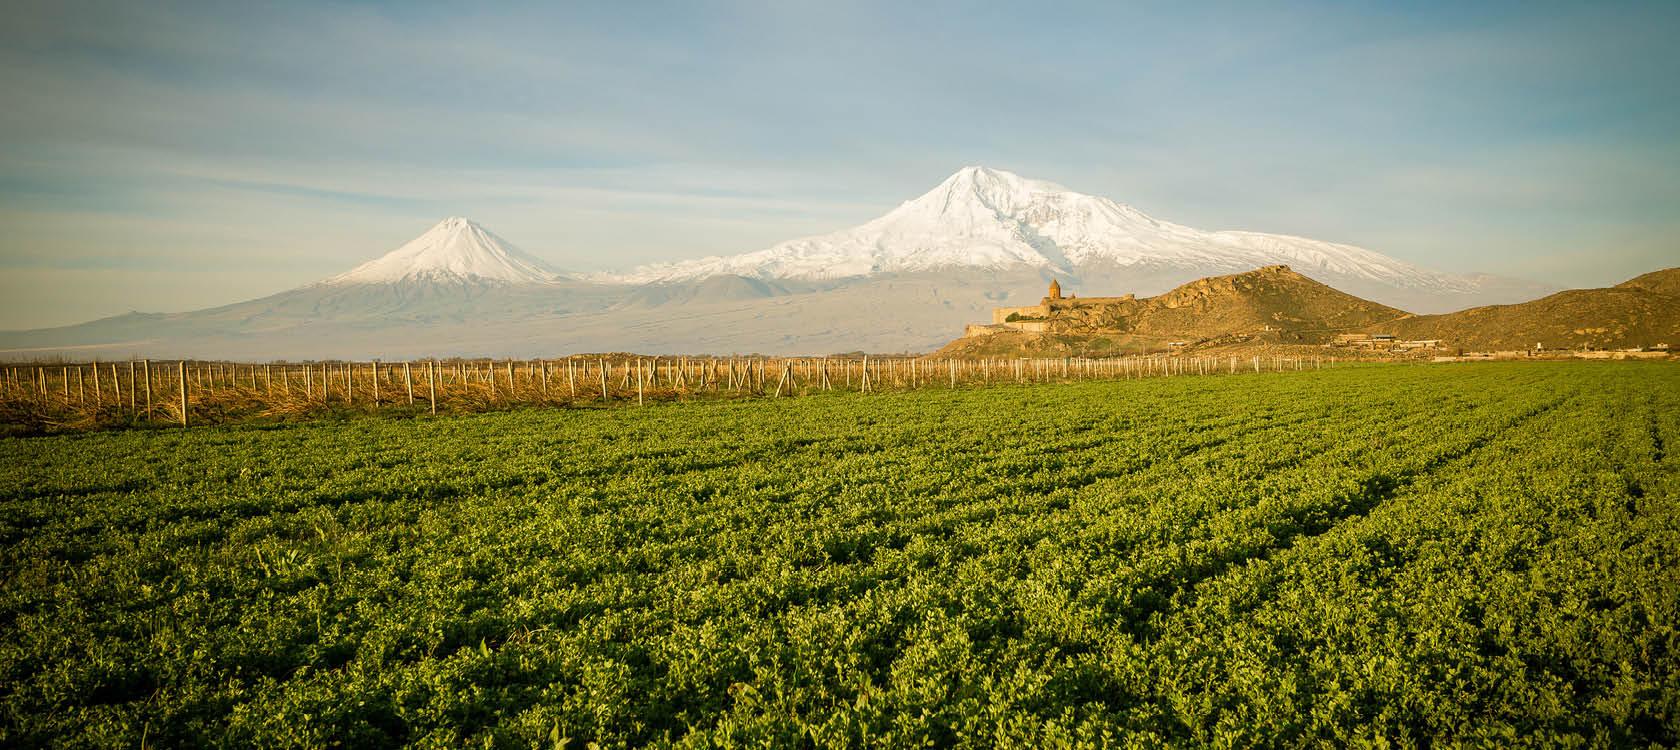 gröna fält och snöbeklädda berg på en rundresa genom georgien och armenien